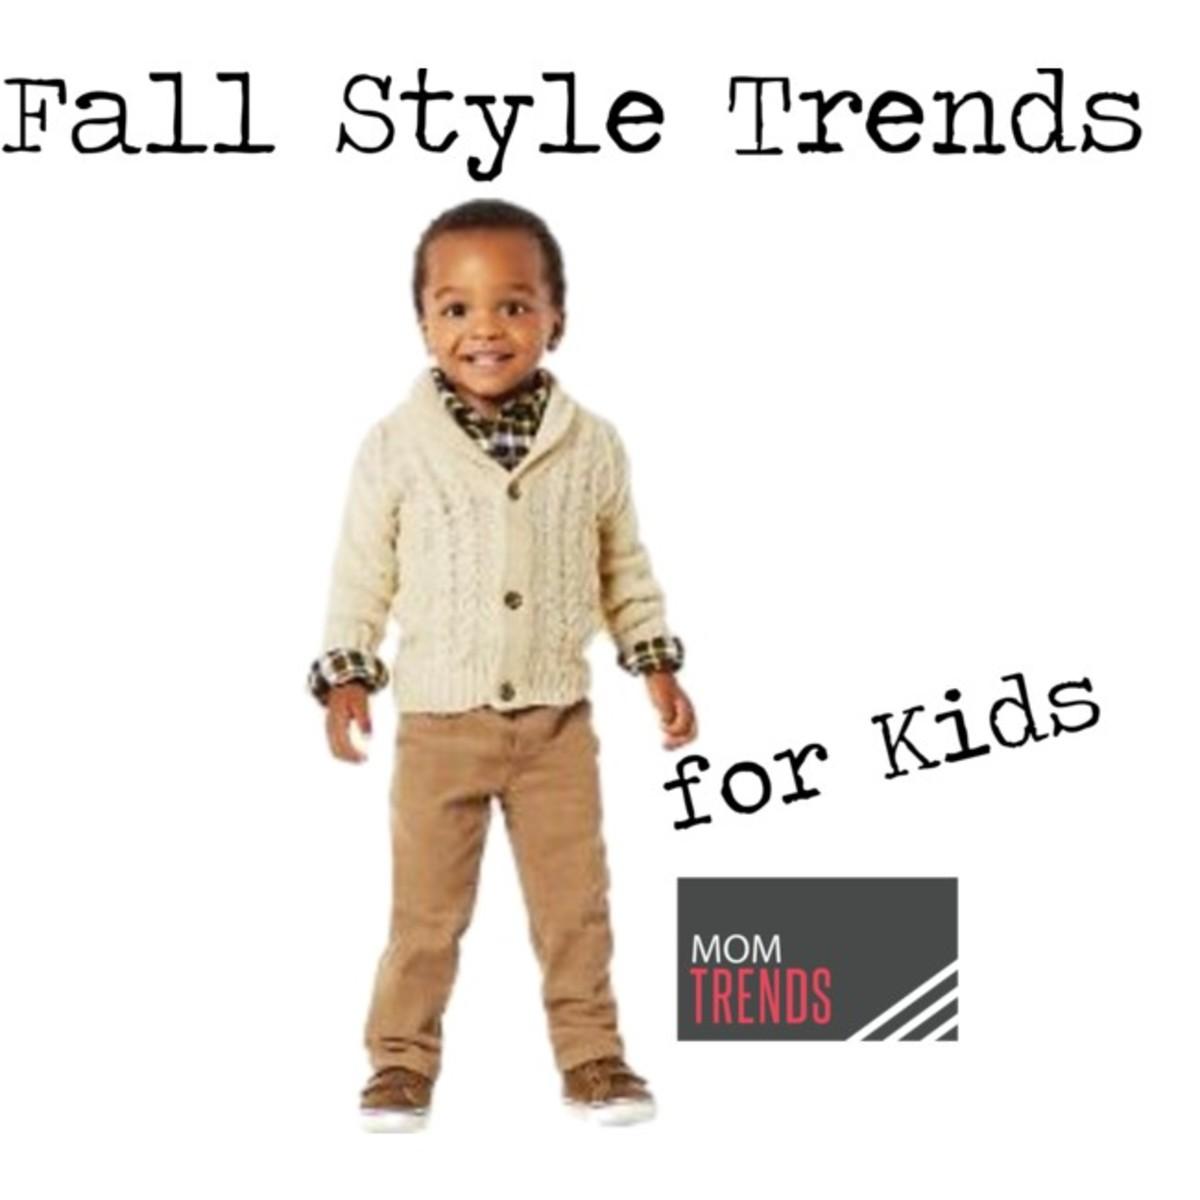 kids trends